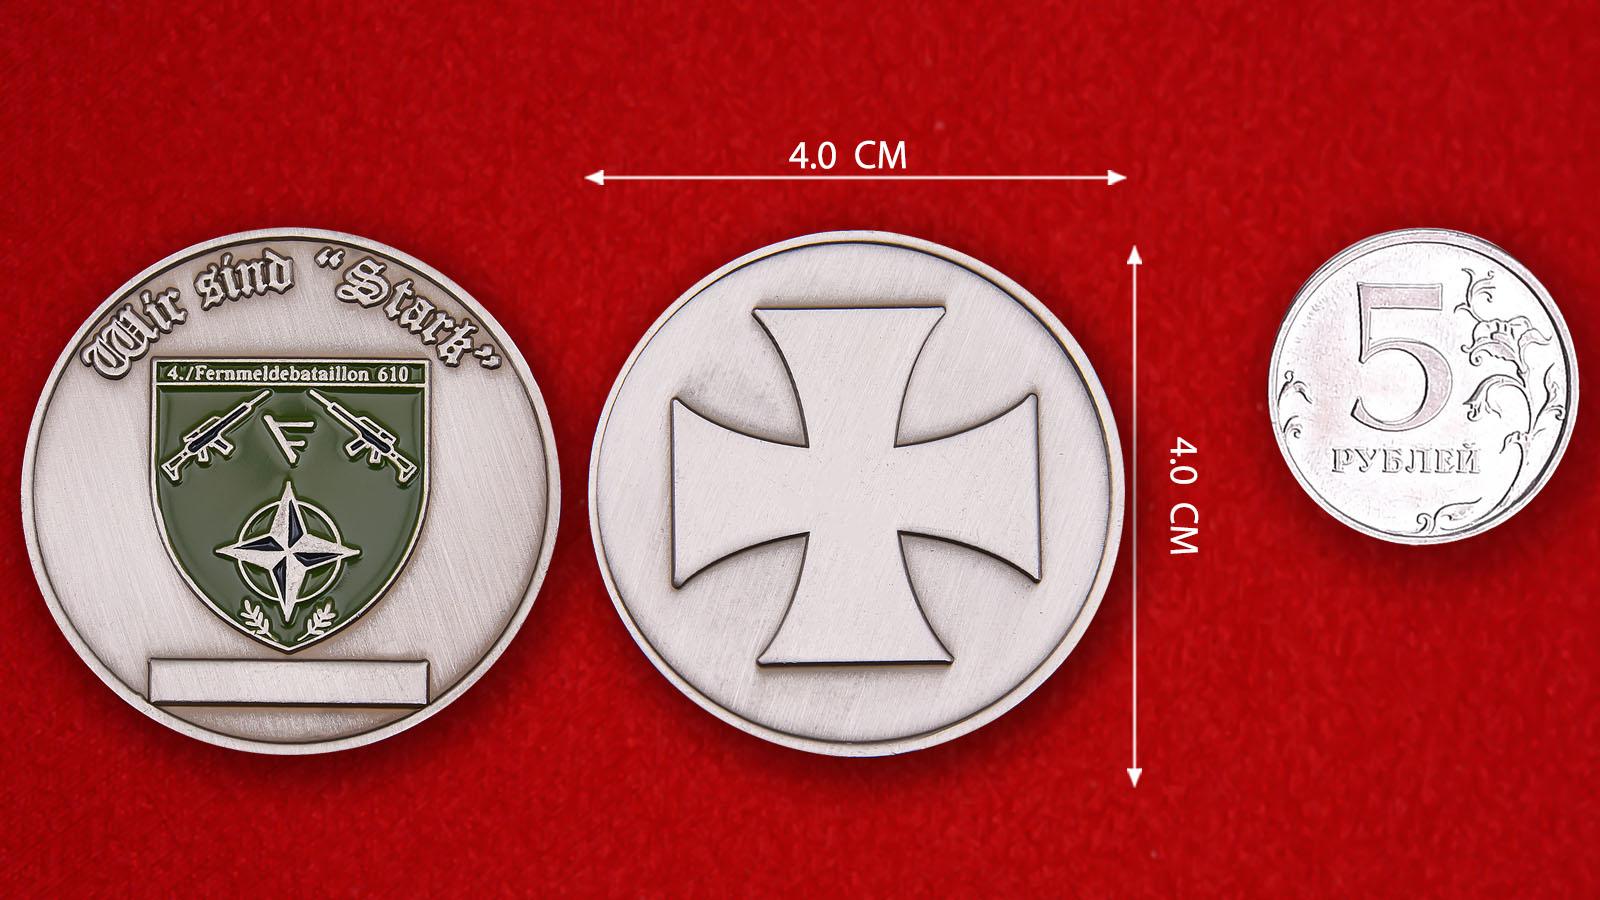 """Herausforderungs-Münze """"Fernmeldebattalion 610"""" - comparative size"""